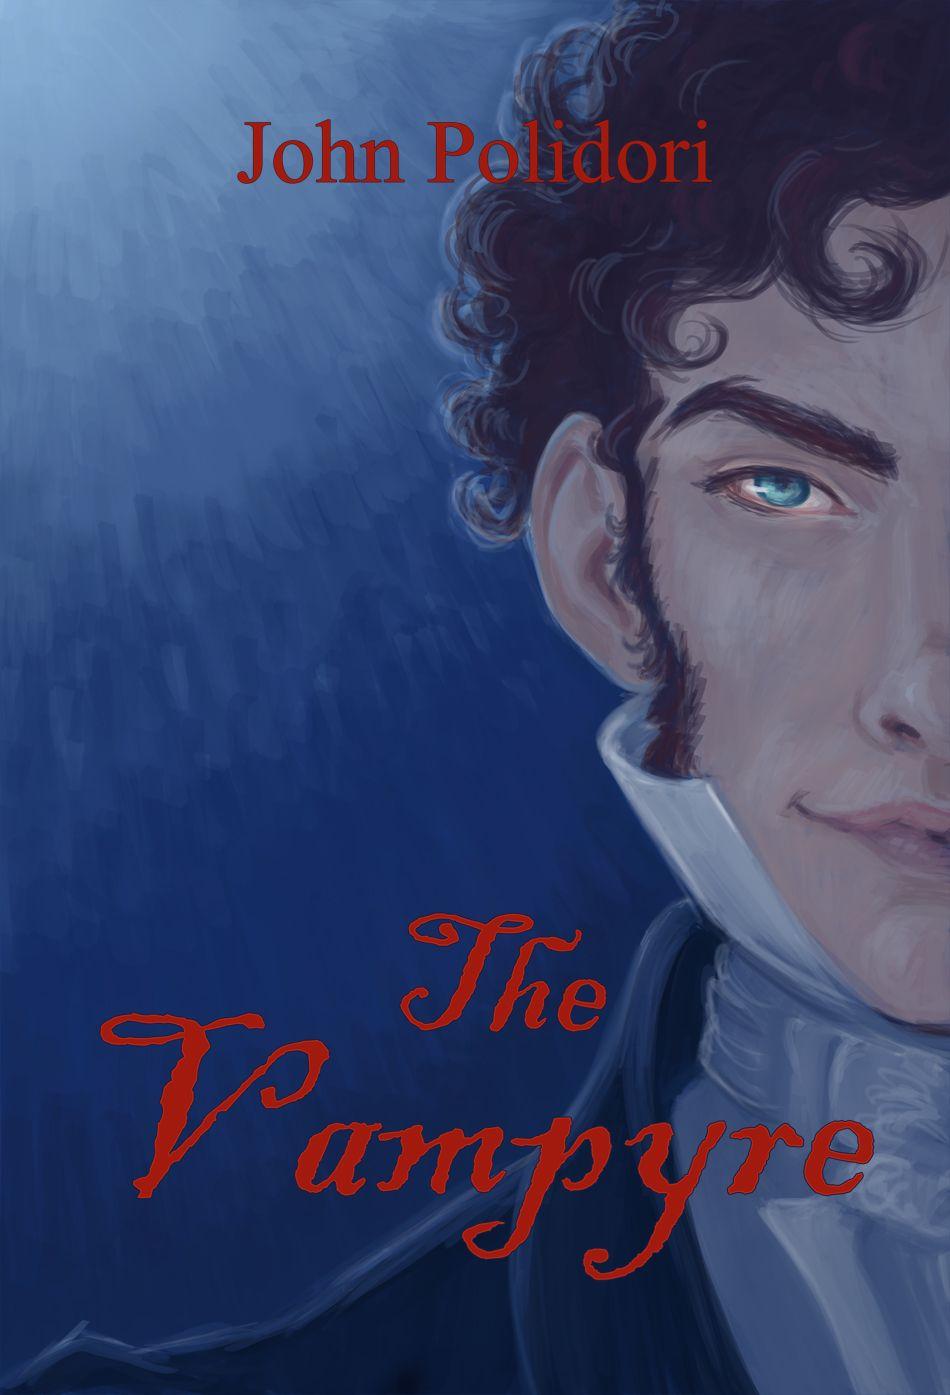 The_Vampyre_Cover_Adjustmen950t.jpg